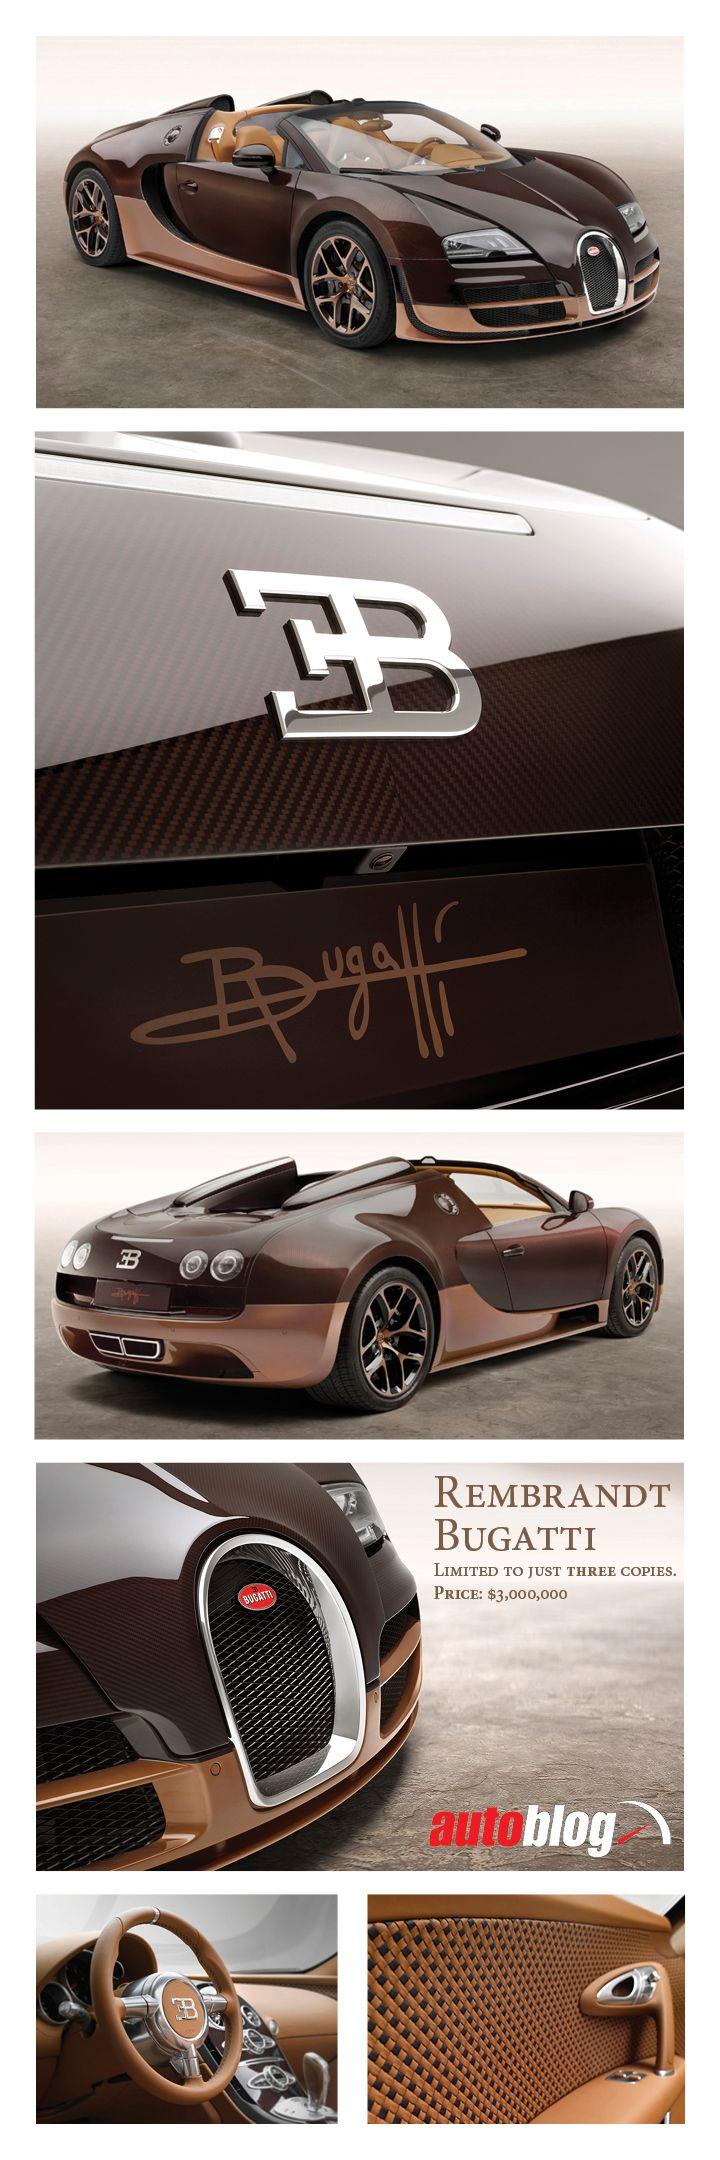 Bugatti Legends series welcomes brother Rembrandt. http://aol.it/1jMY8Ea @Bugatti